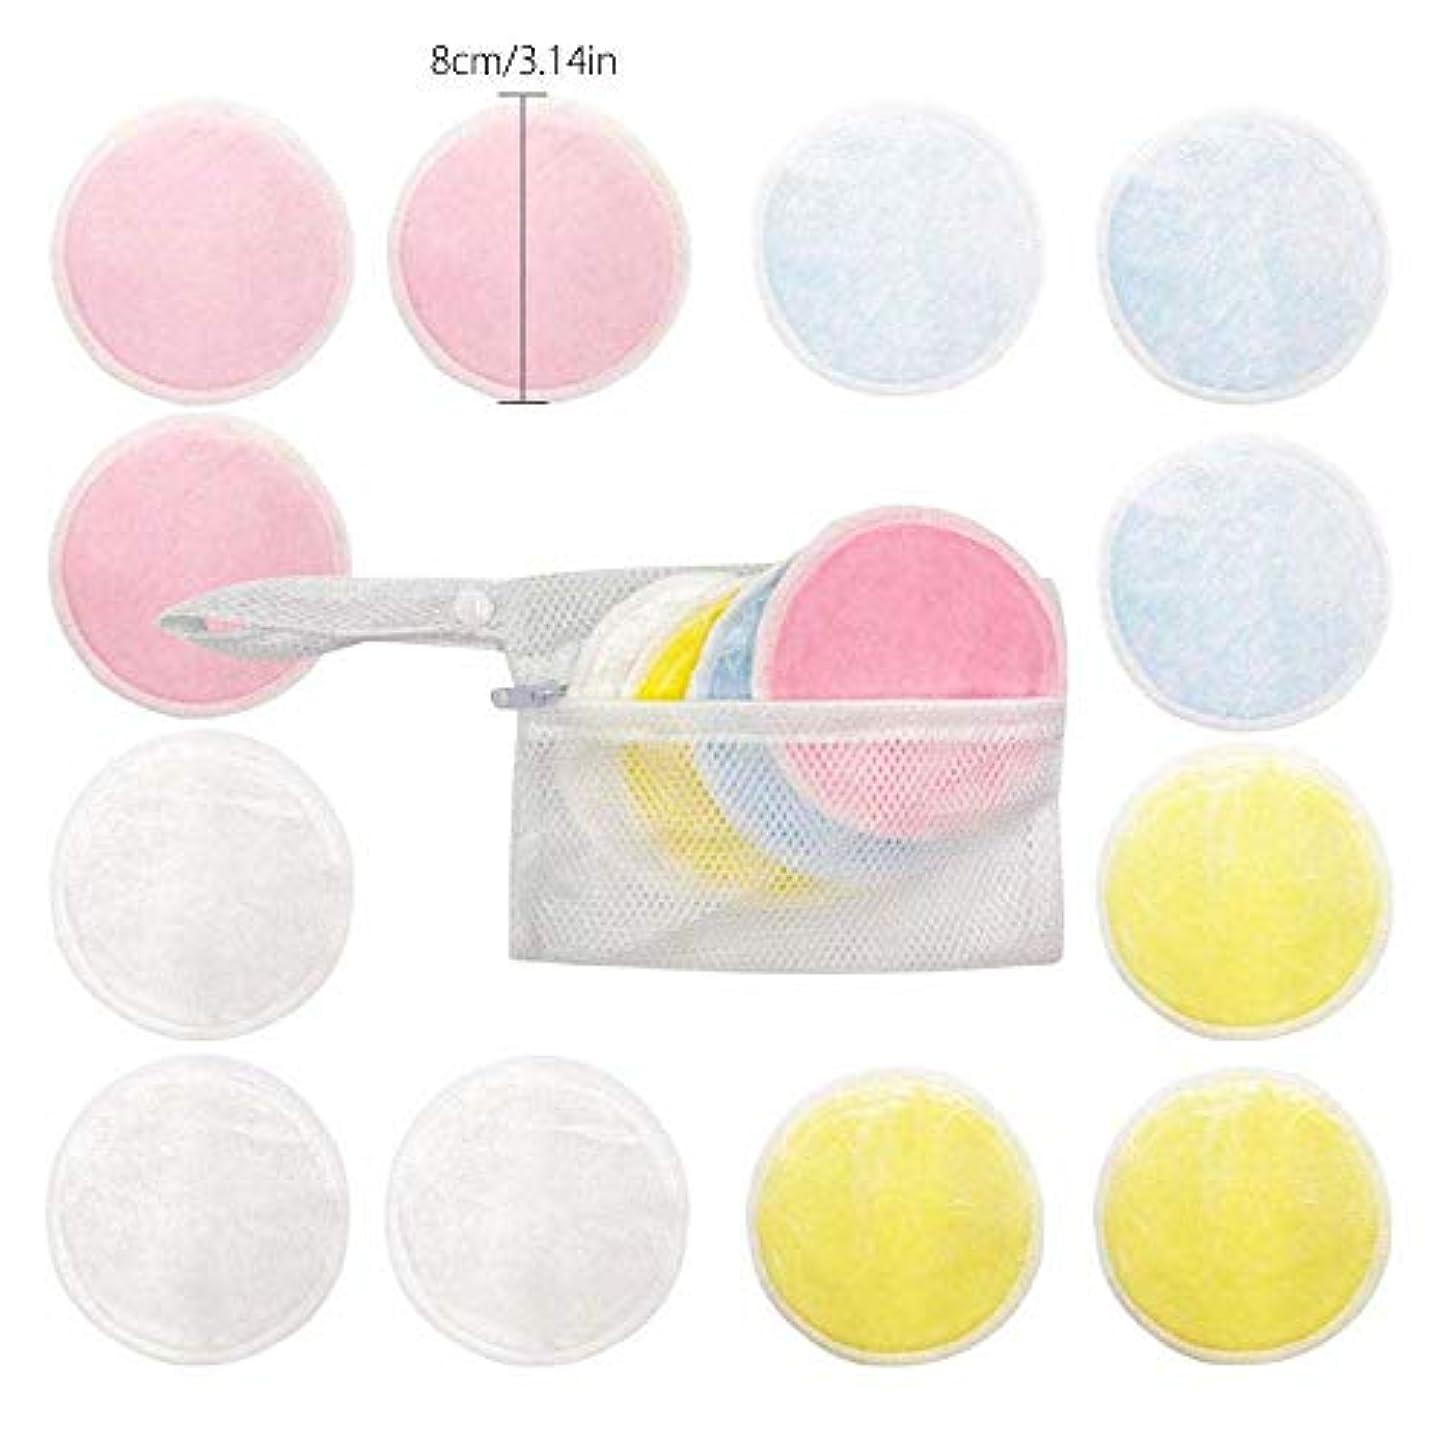 ぼかし敷居具体的にユニセックス 洗面再利用可能 3層化粧品除去パッド顔清潔ワイプ 化粧落としコットン 肌に優しい 20セット